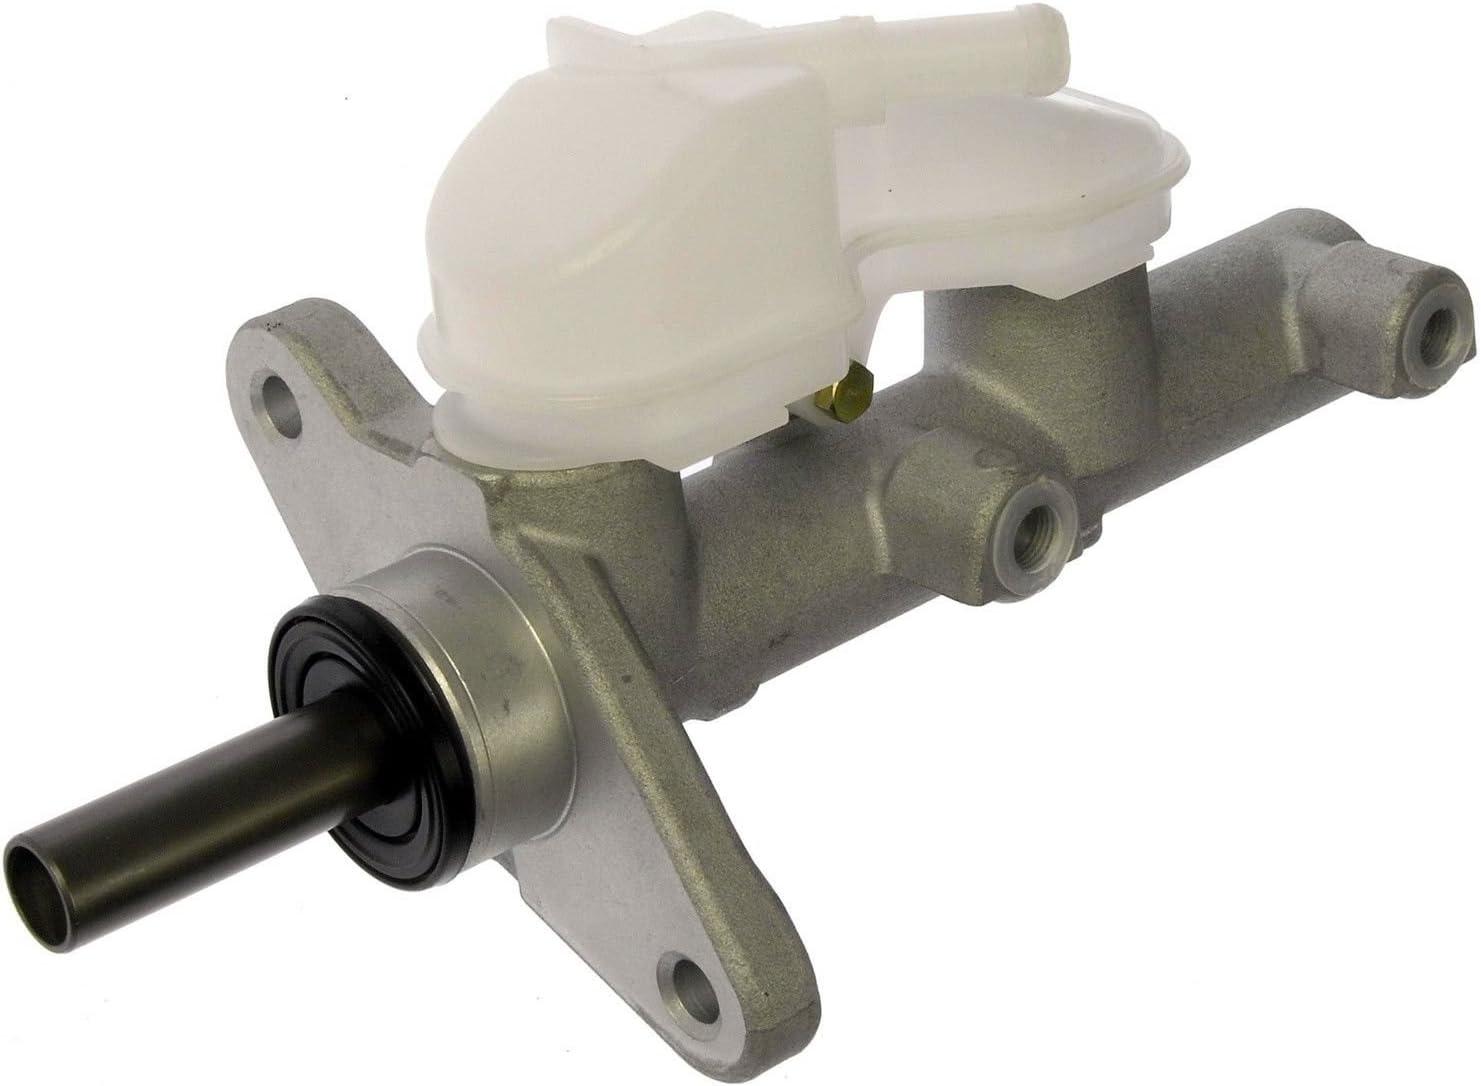 13-3304P Brake master cylinder for 2007-2010 Honda CR-V MC390997